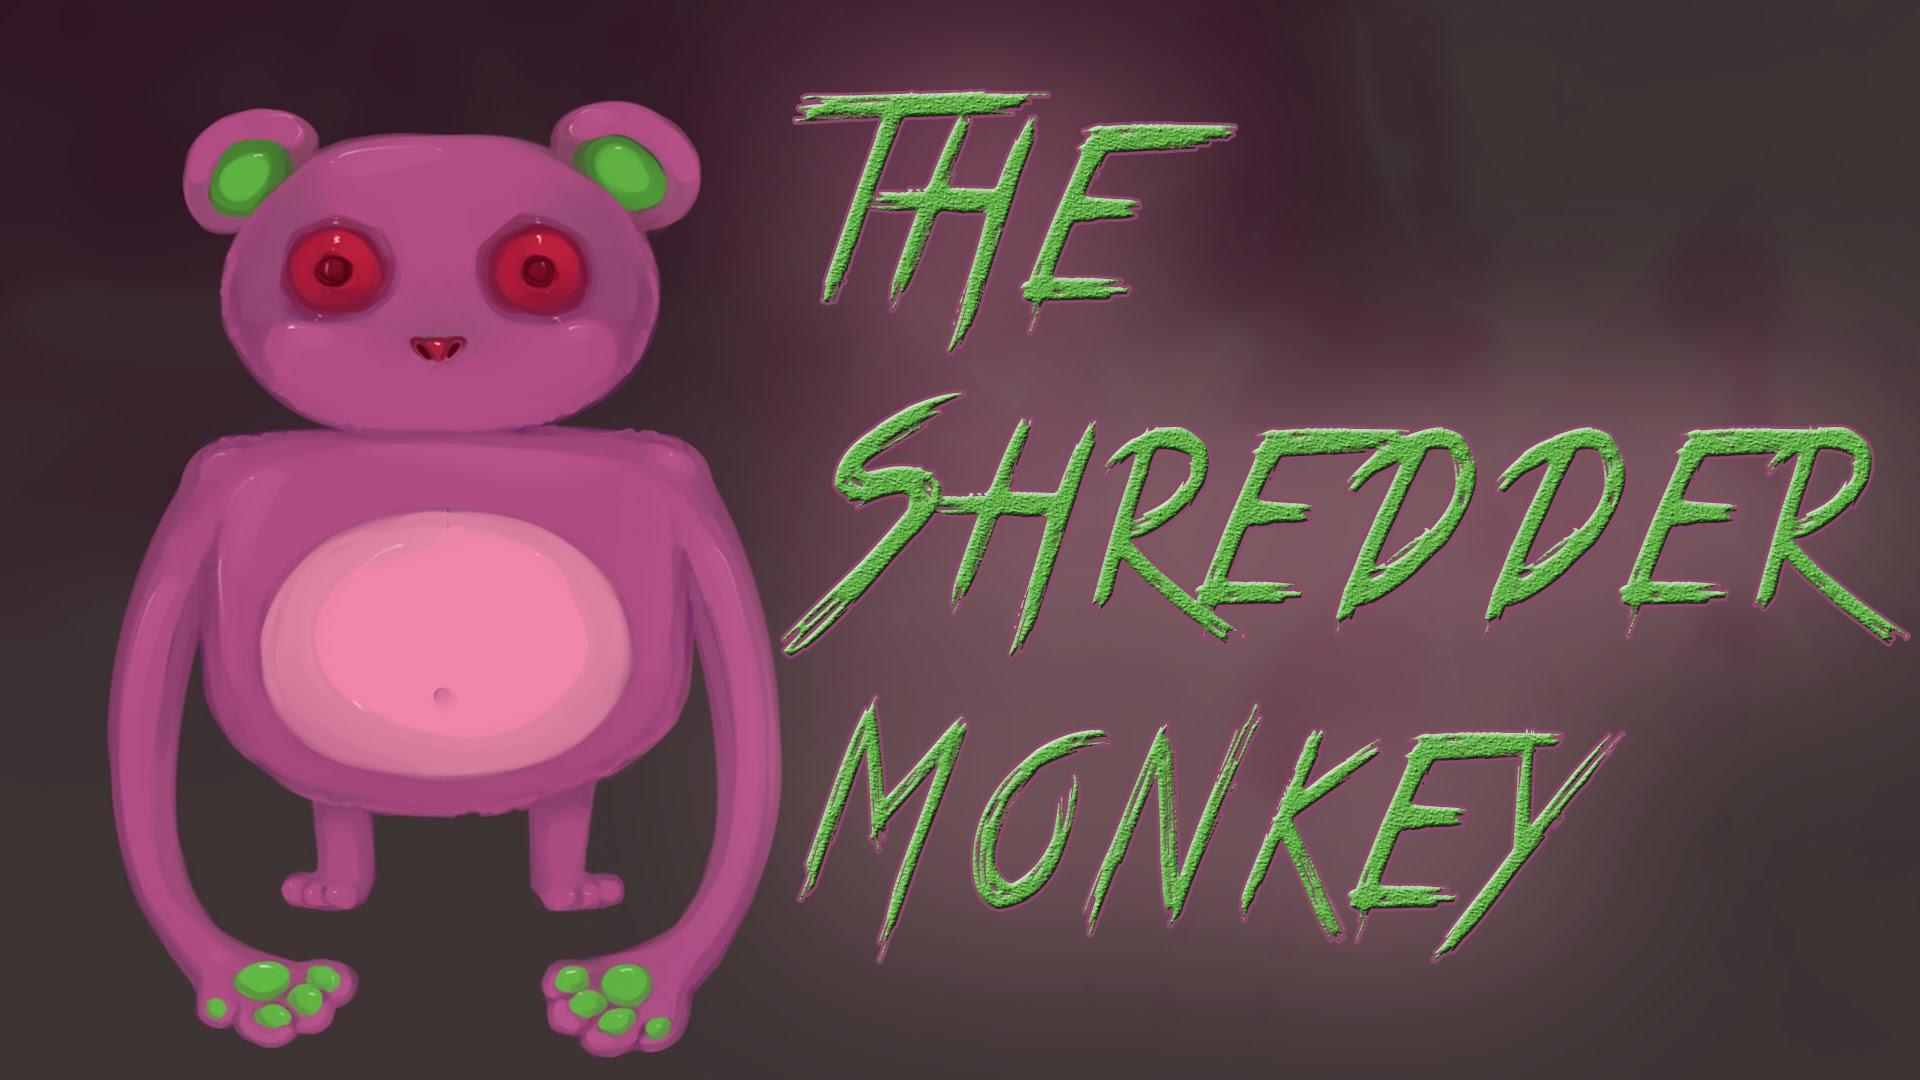 Shredder Monkey by  MantaTheMisukitty .